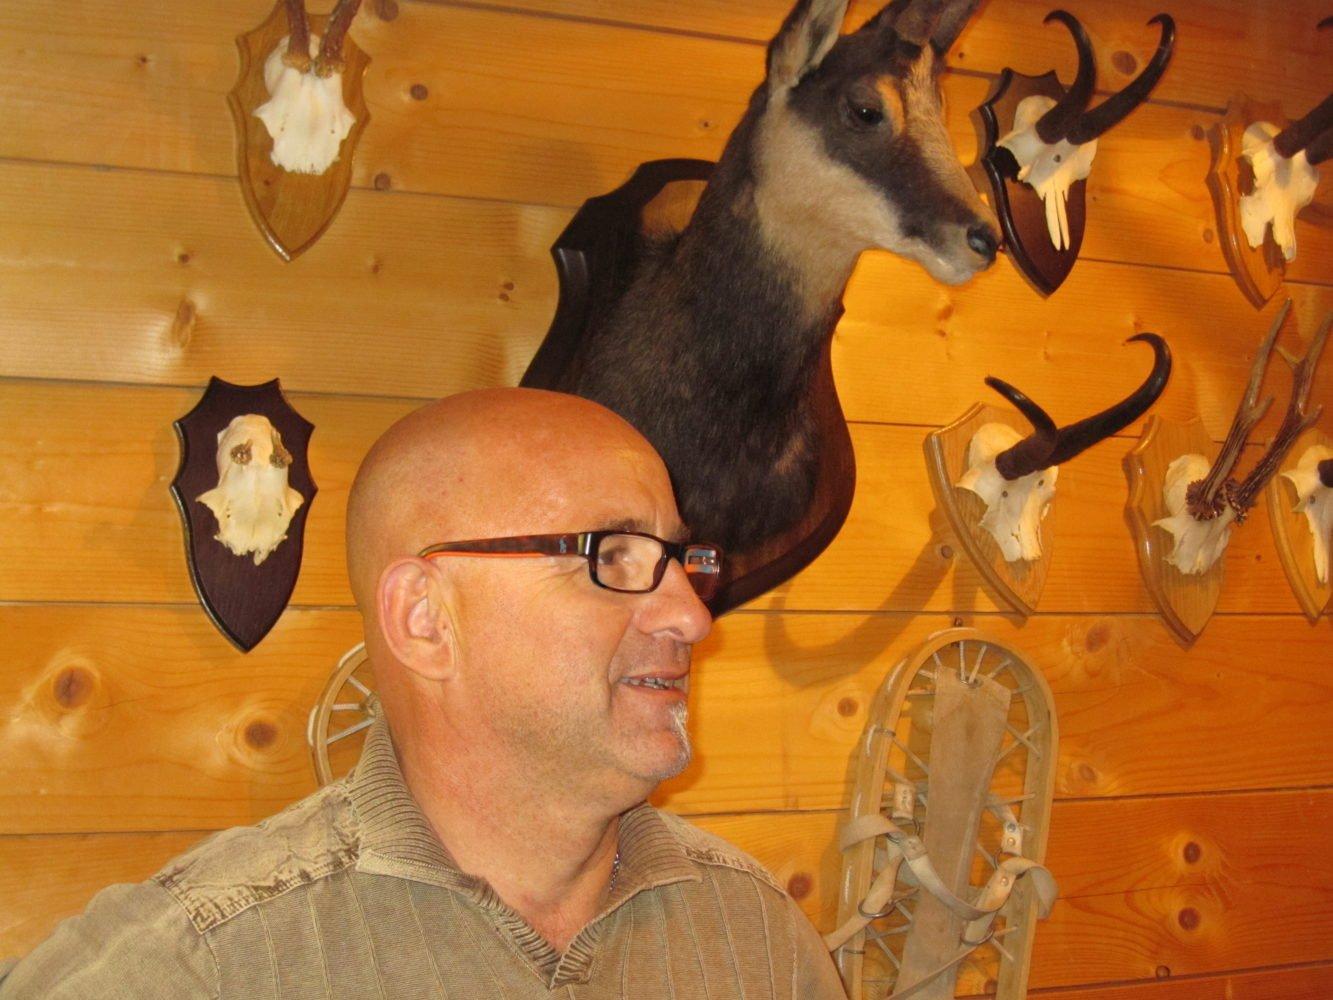 Portrait d'un chasseur à l'approche du chamois!